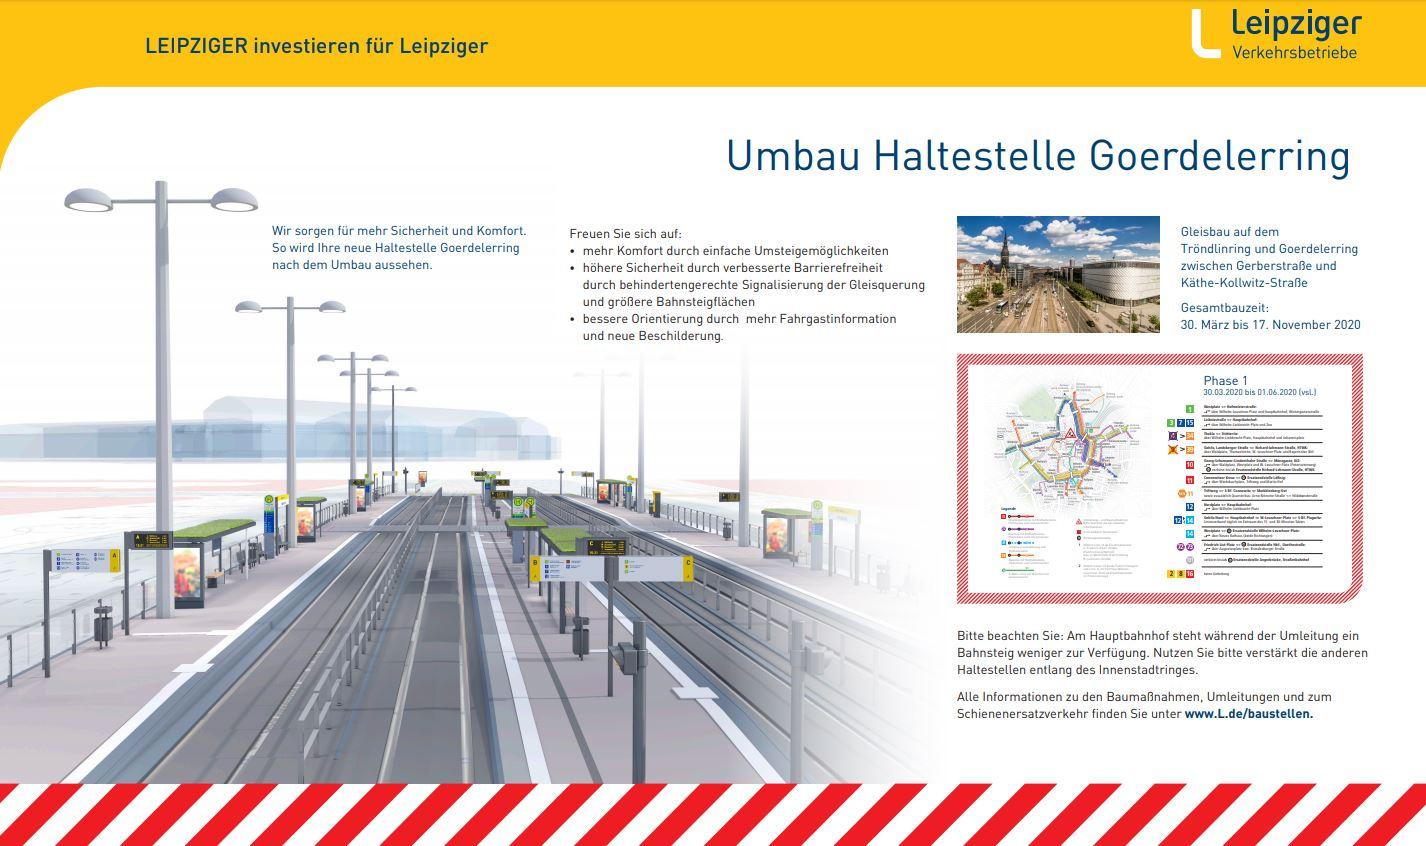 Leipziger Verkehrsbetriebe investieren: Visualisierung von der Haltestelle Goerdelerring